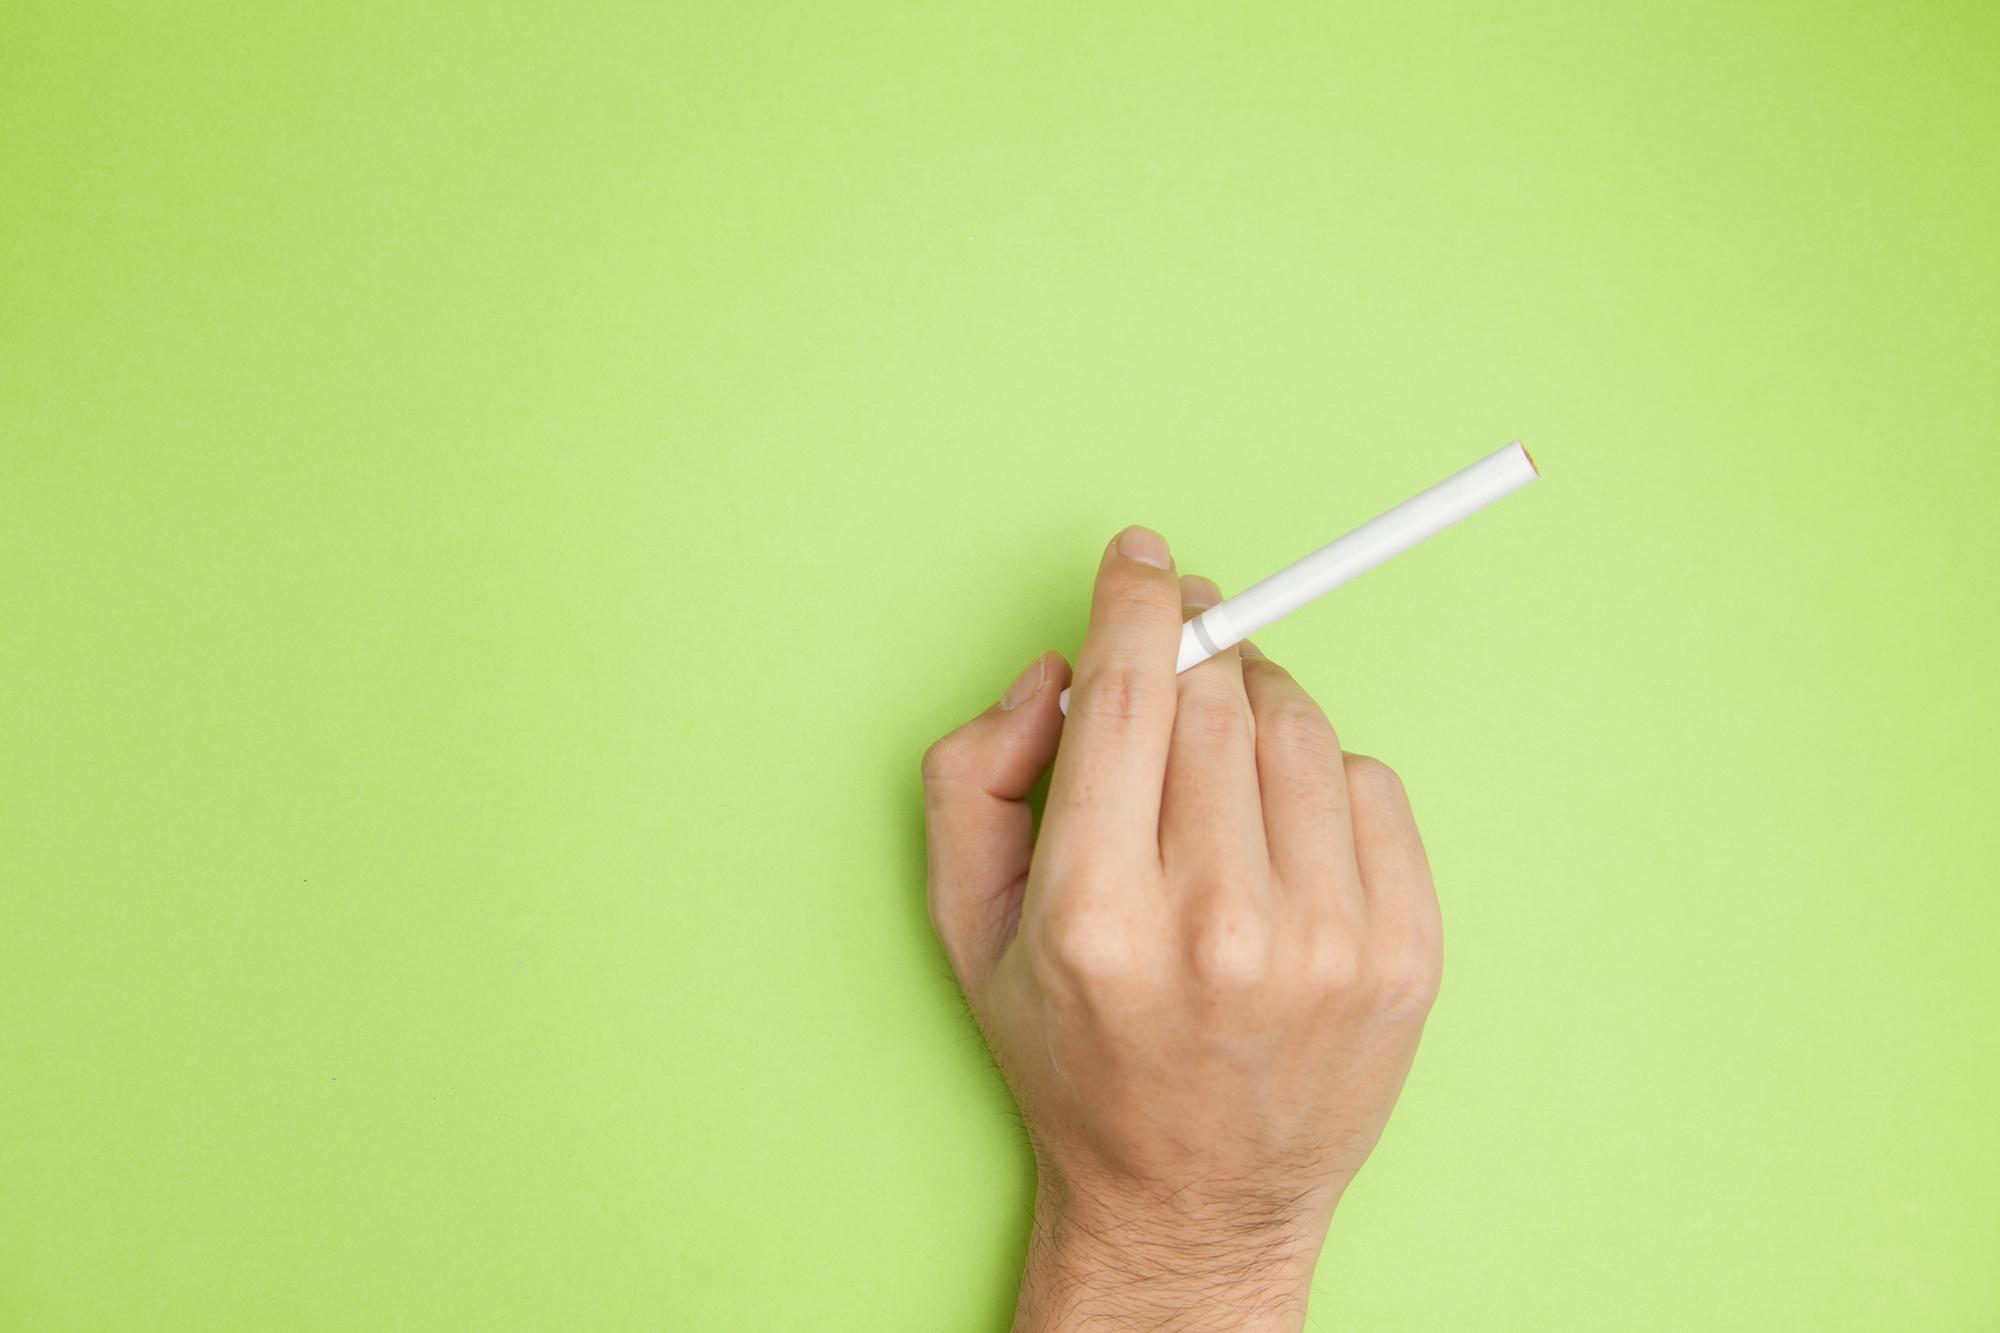 壁紙のヤニ落としの方法とは?原状回復させる掃除のコツ